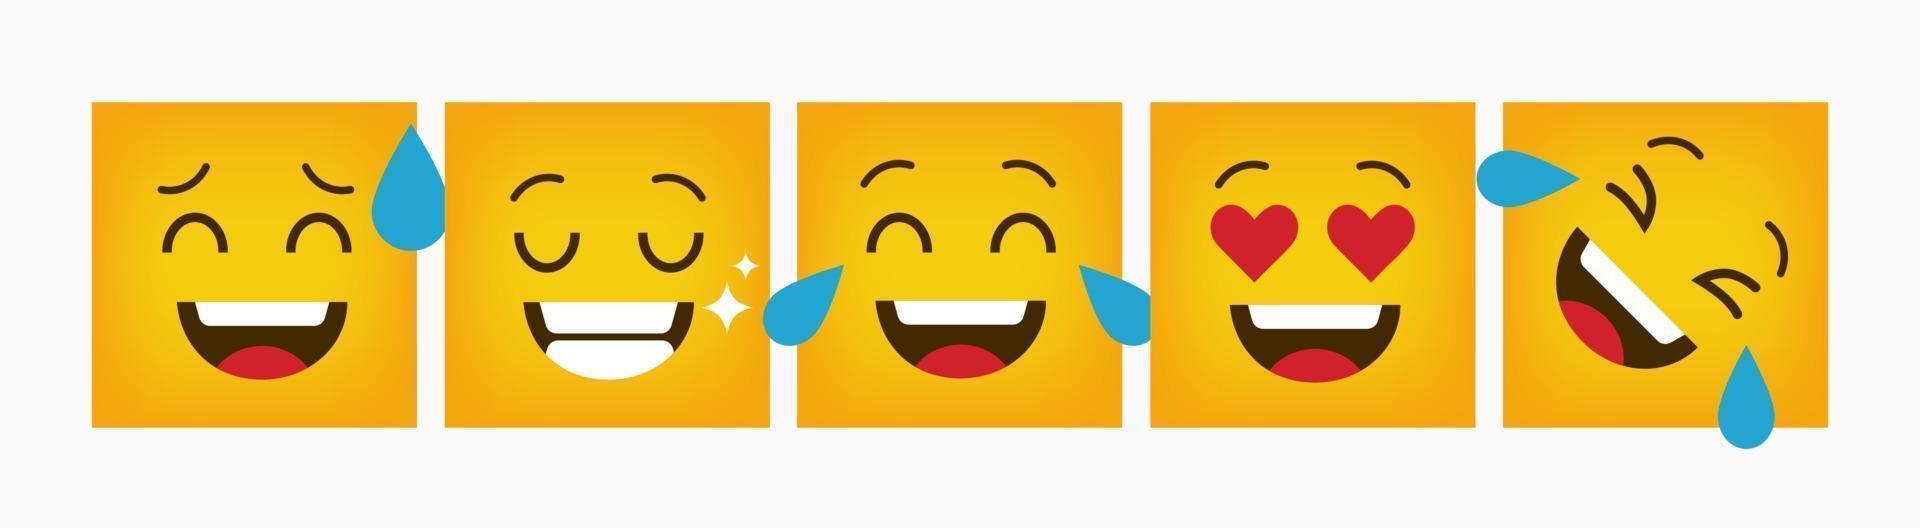 emoticon quadrato di reazione di design impostato piatto vettore